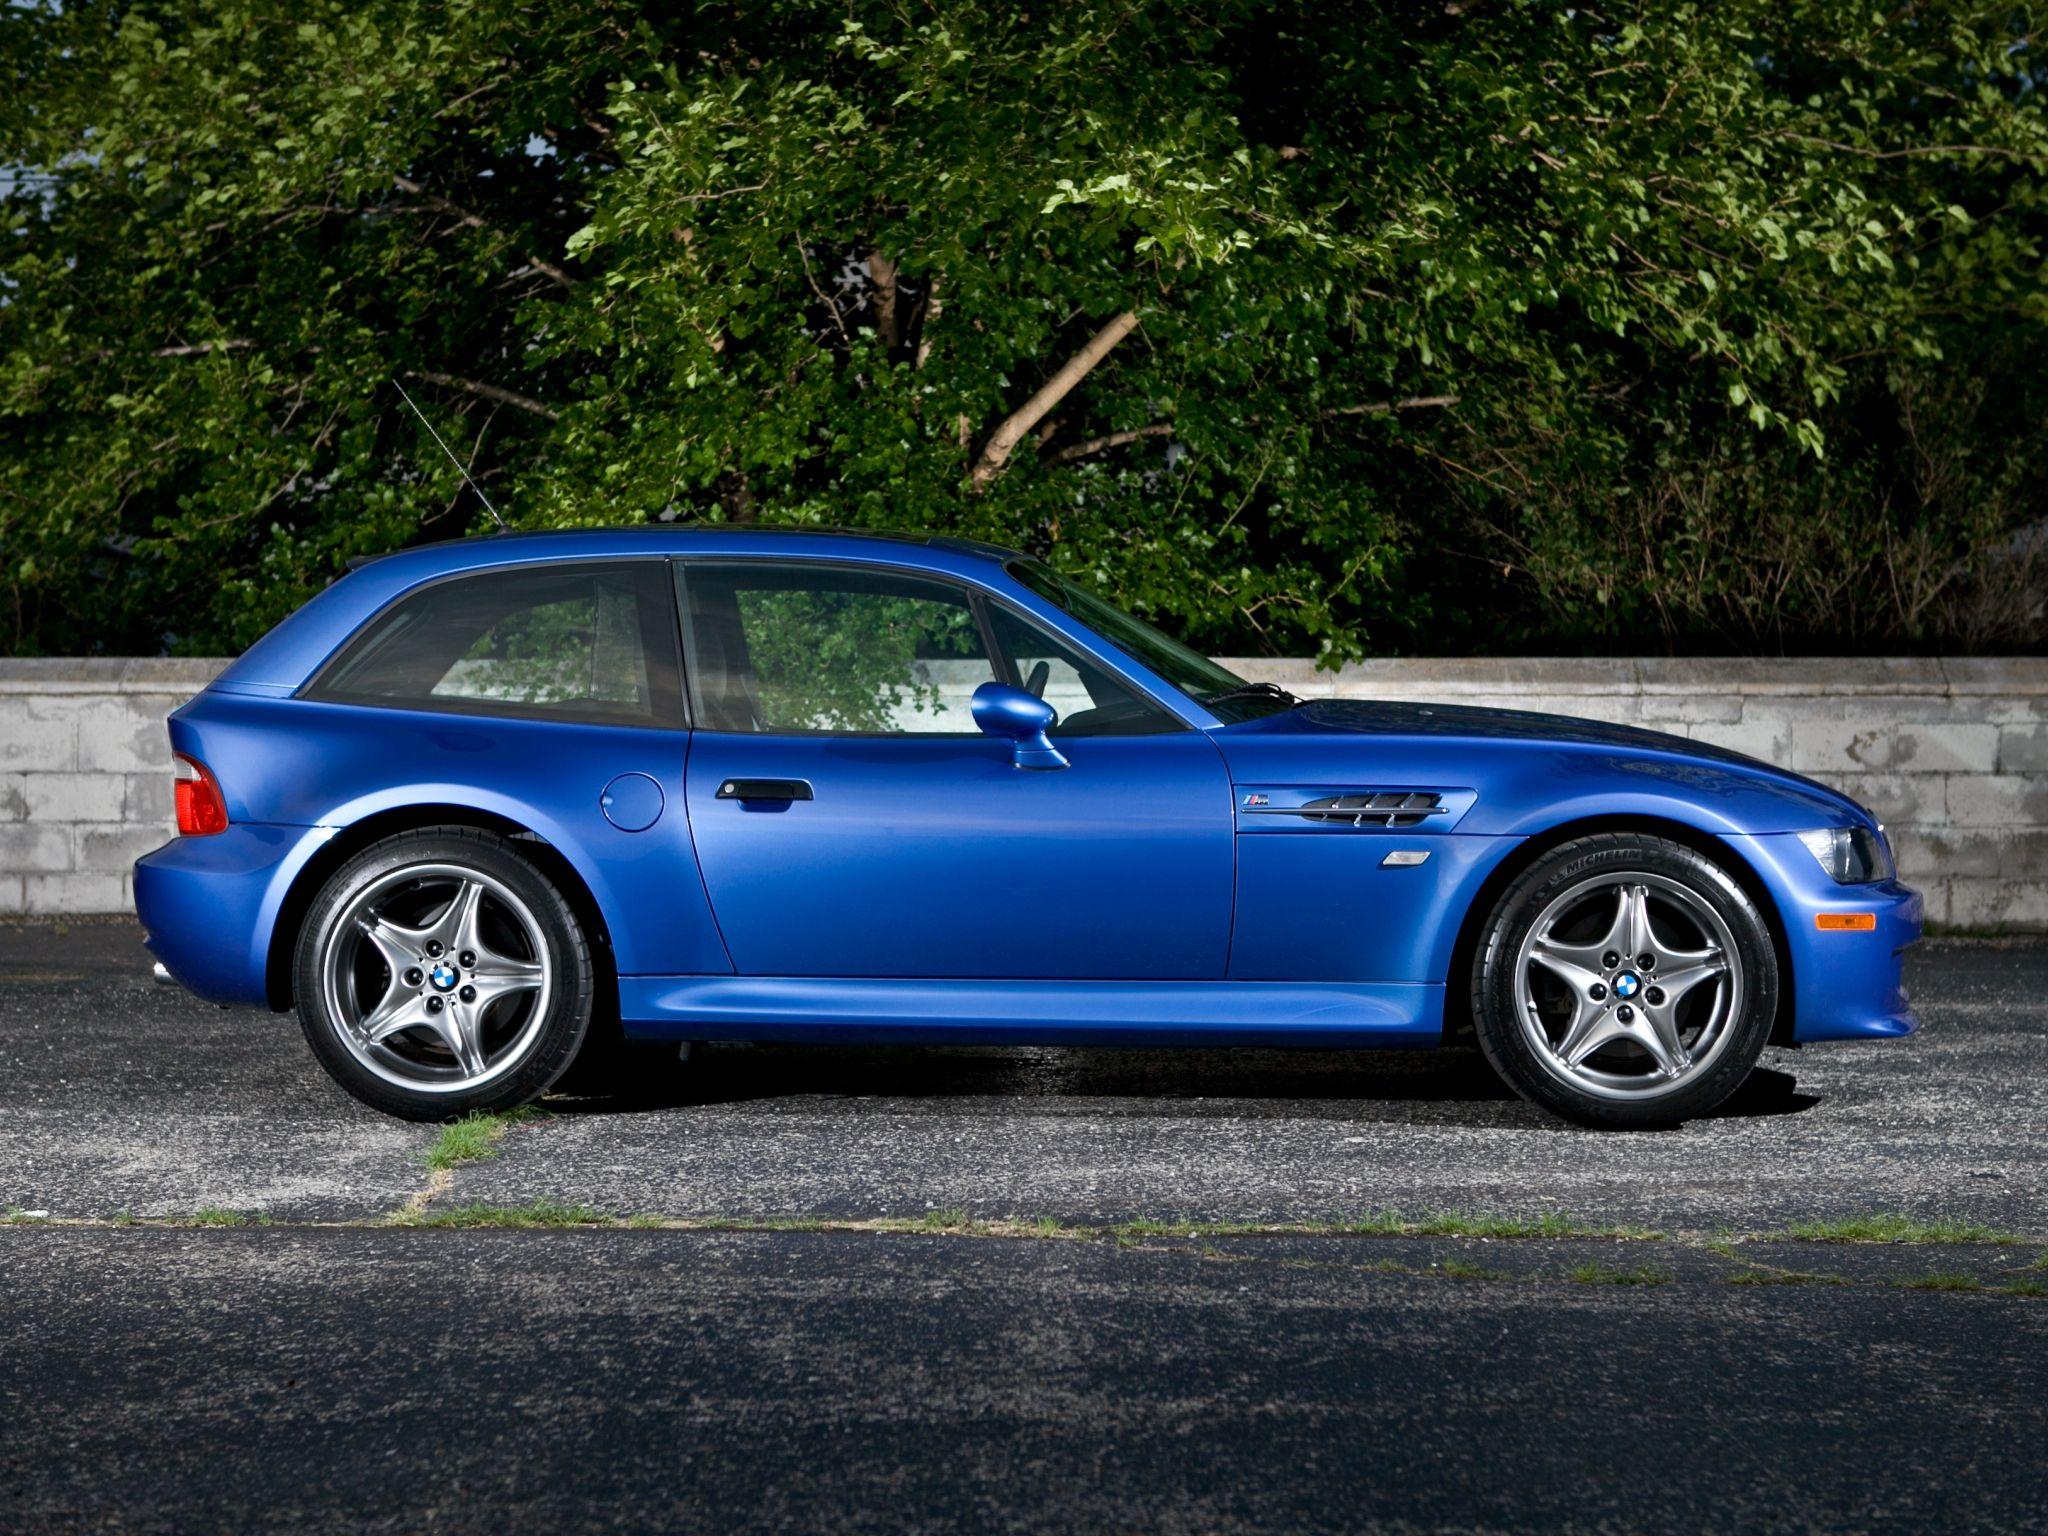 28ca77bfa5a389dcb74566cda9203dd3 Astounding Bmw Z1 for Sale In Usa Cars Trend